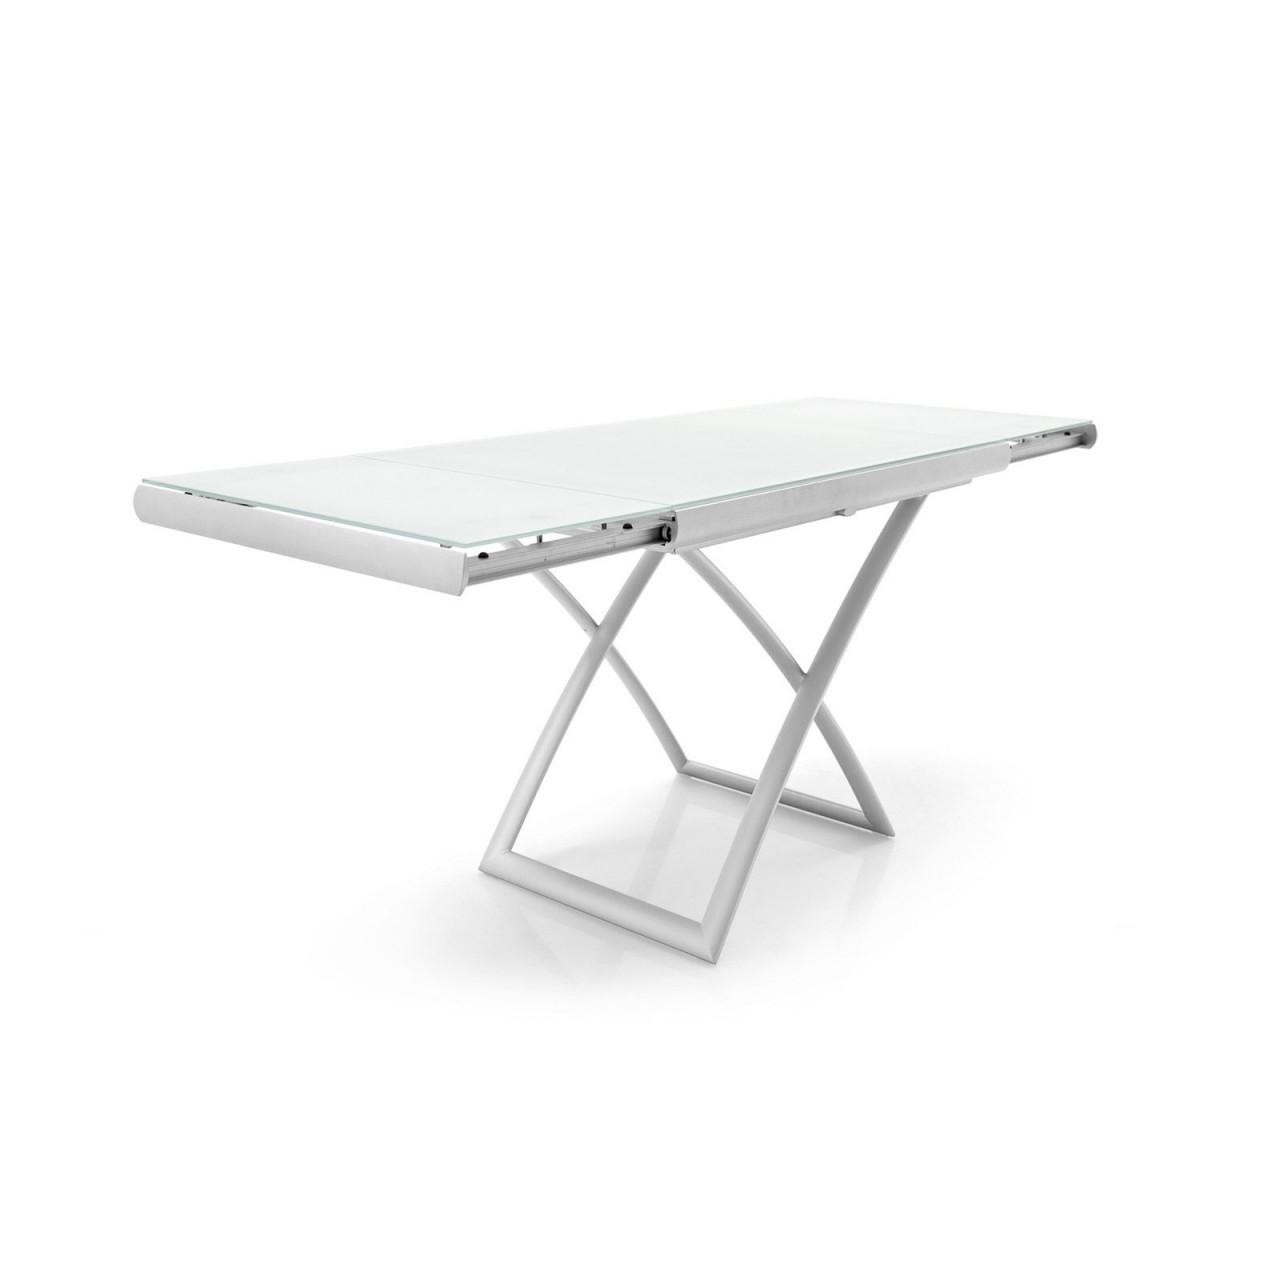 Tavolo Pieghevole E Allungabile.Dakota Tavolino Pieghevole E Allungabile Spazio Ingegno Torino